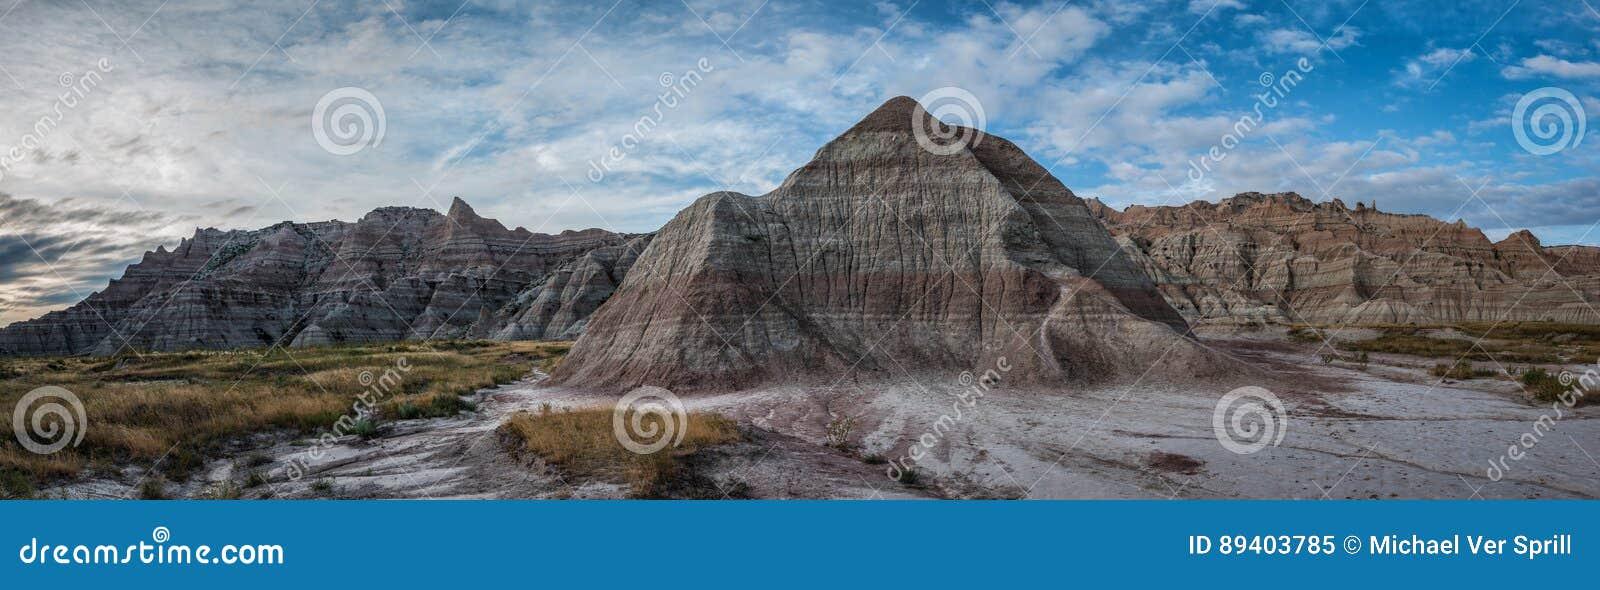 Rocha da pirâmide no parque nacional de Badland